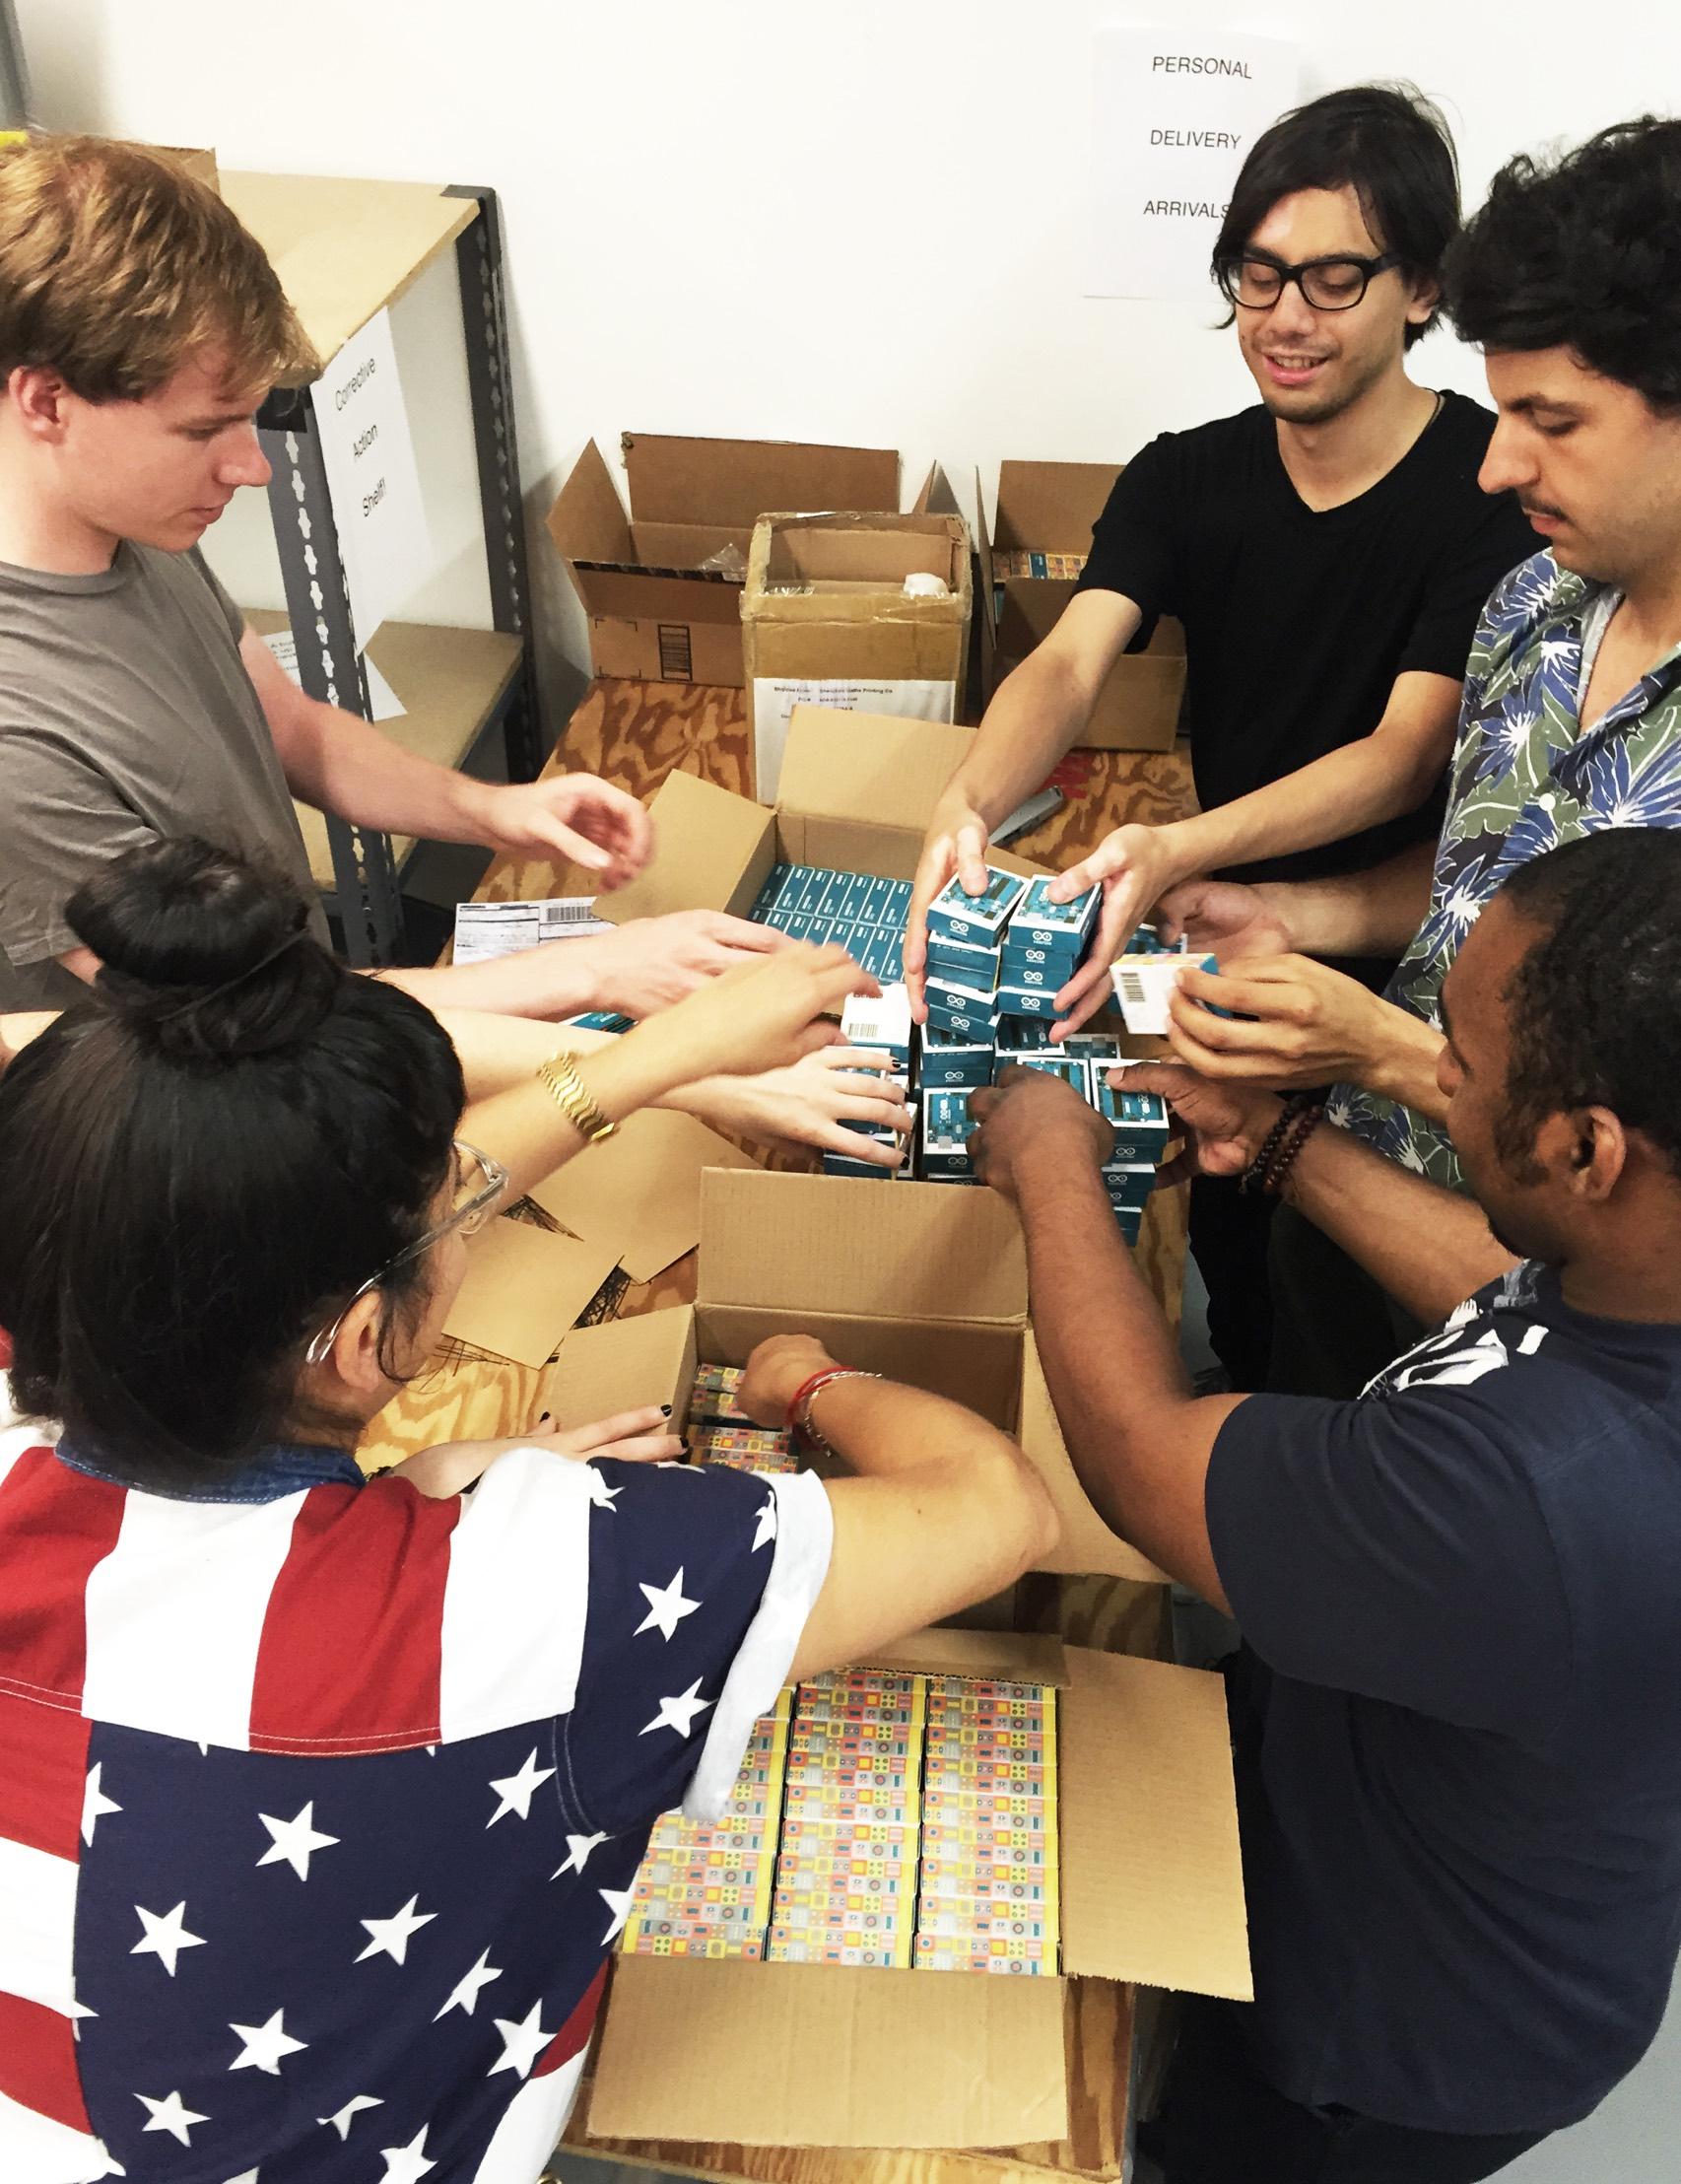 Arduino Packing 4860